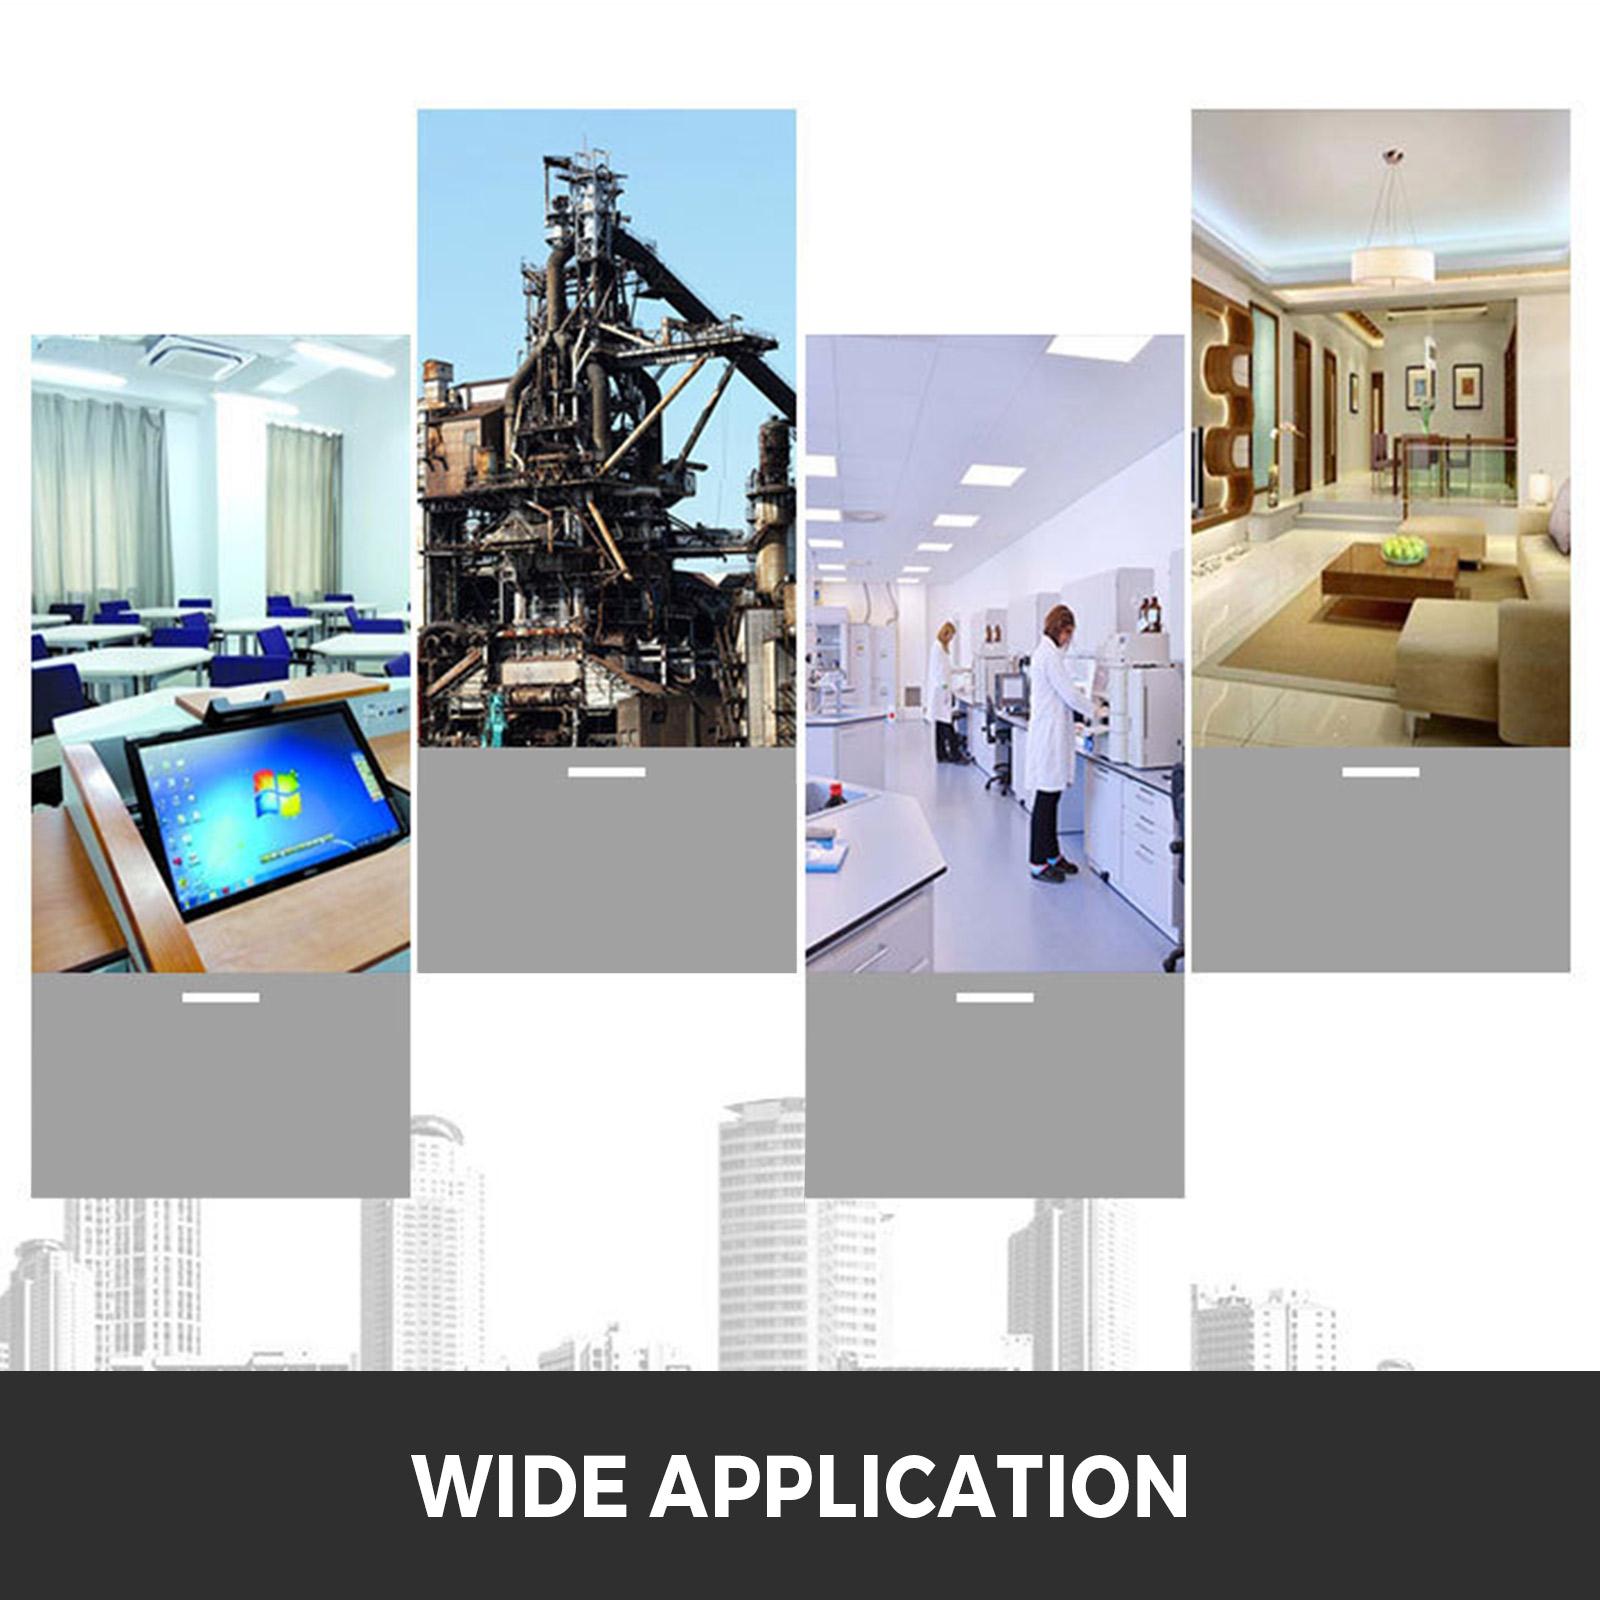 Variac-Variable-Transforme-0-5-1-2-3KVA-LCD-Single-Phase-Digital-Display-0-130V thumbnail 55